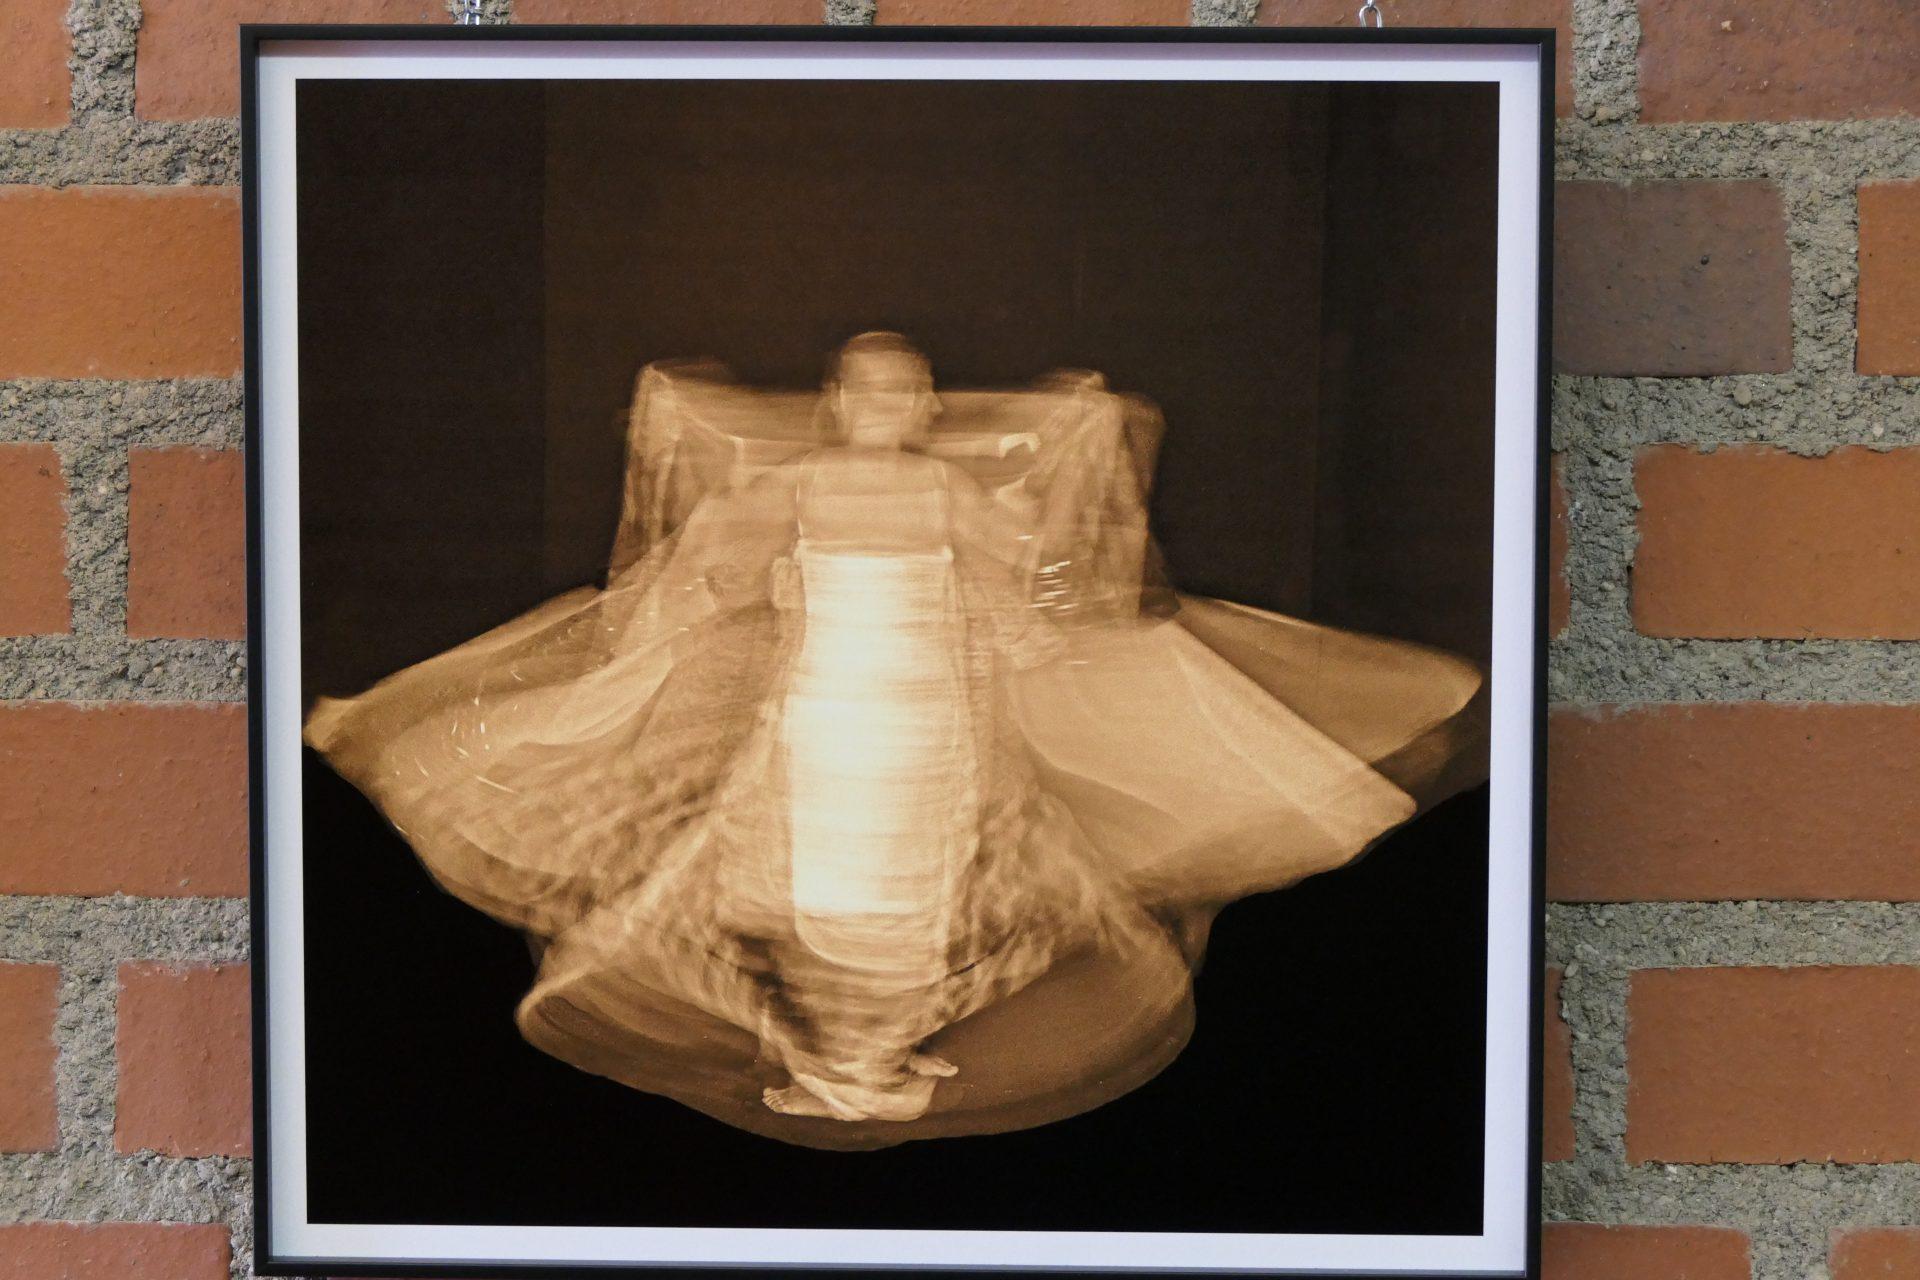 Moth ready for wedding von Martina Singer, Fotografie aud Kapafix aufgezogen